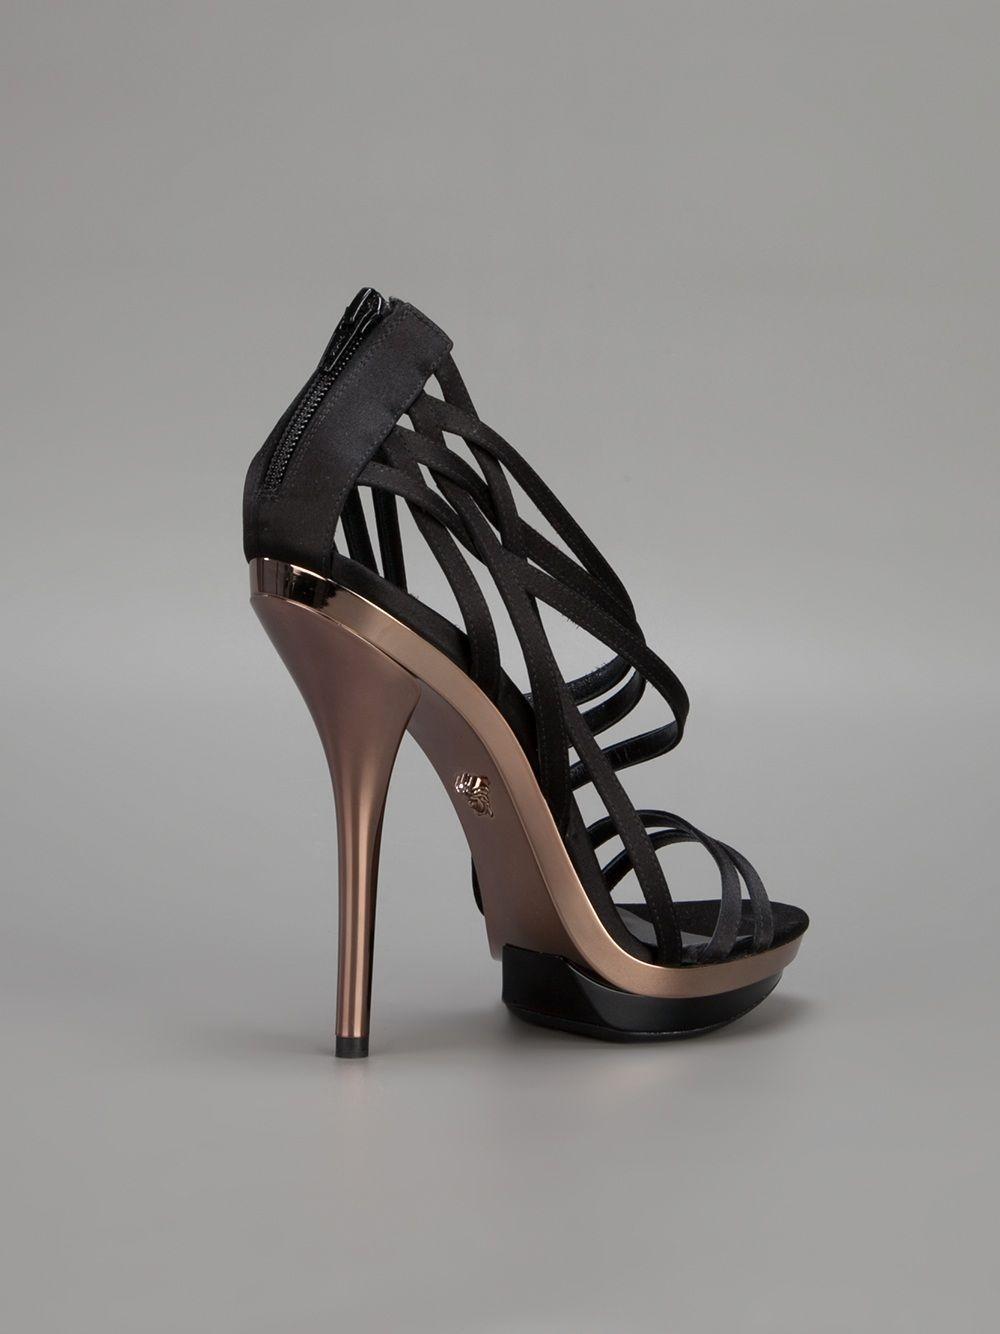 890418c1366 Versace Sandália Preta. - Elite - Farfetch.com.br